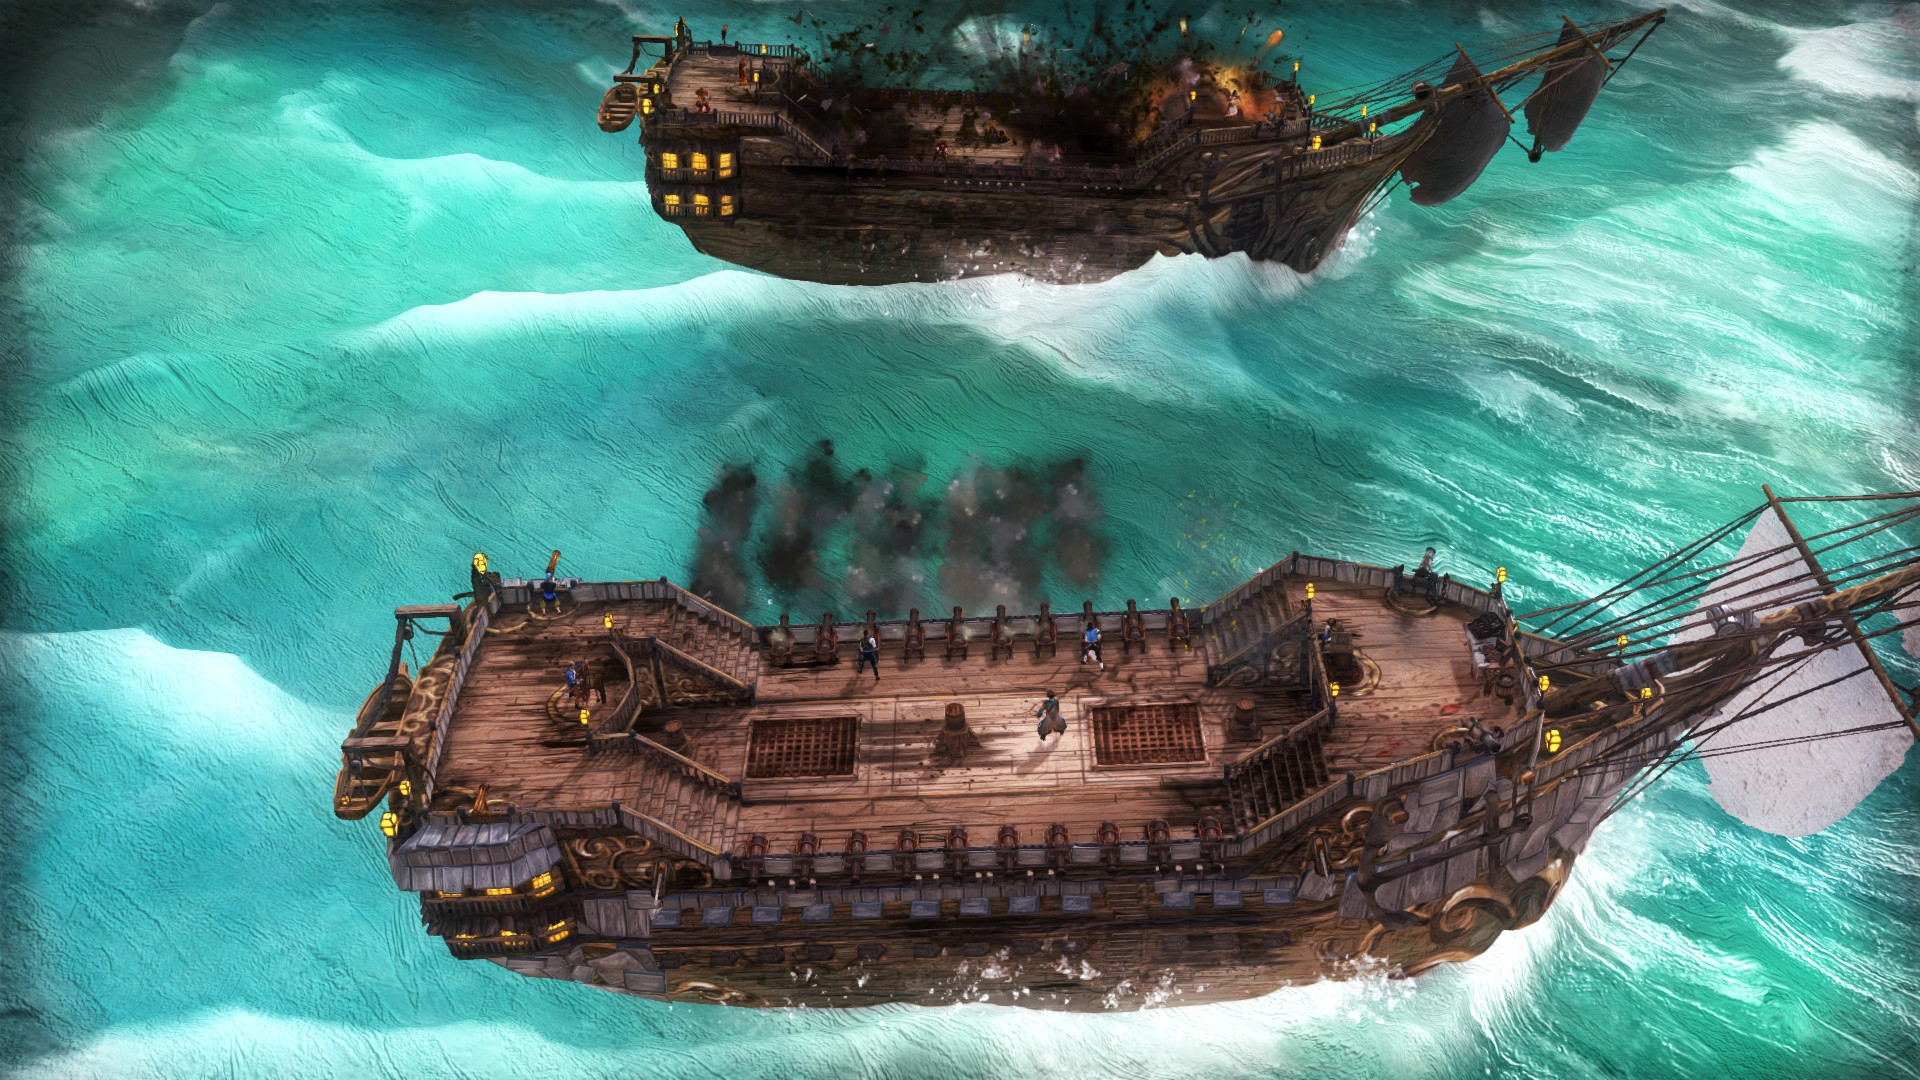 Новый трейлер Abandon Ship показал опасность и вознаграждения морских исследований